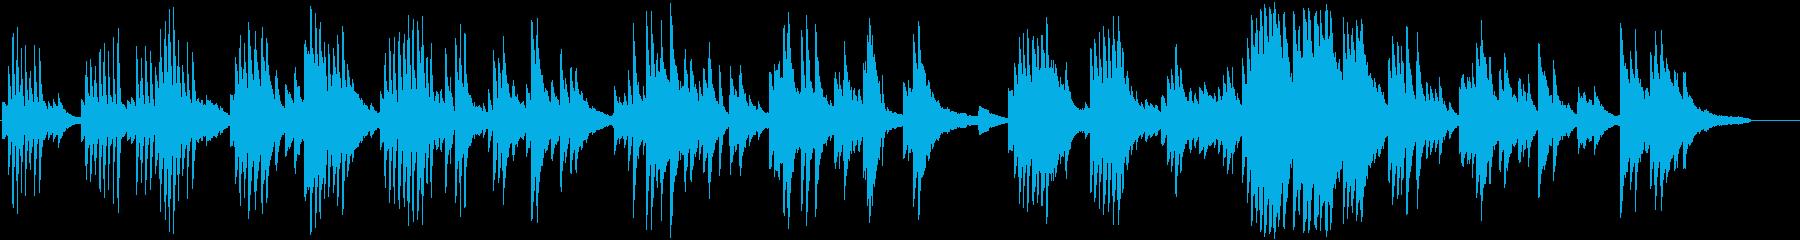 優しくロマンチックなピアノのバラードの再生済みの波形